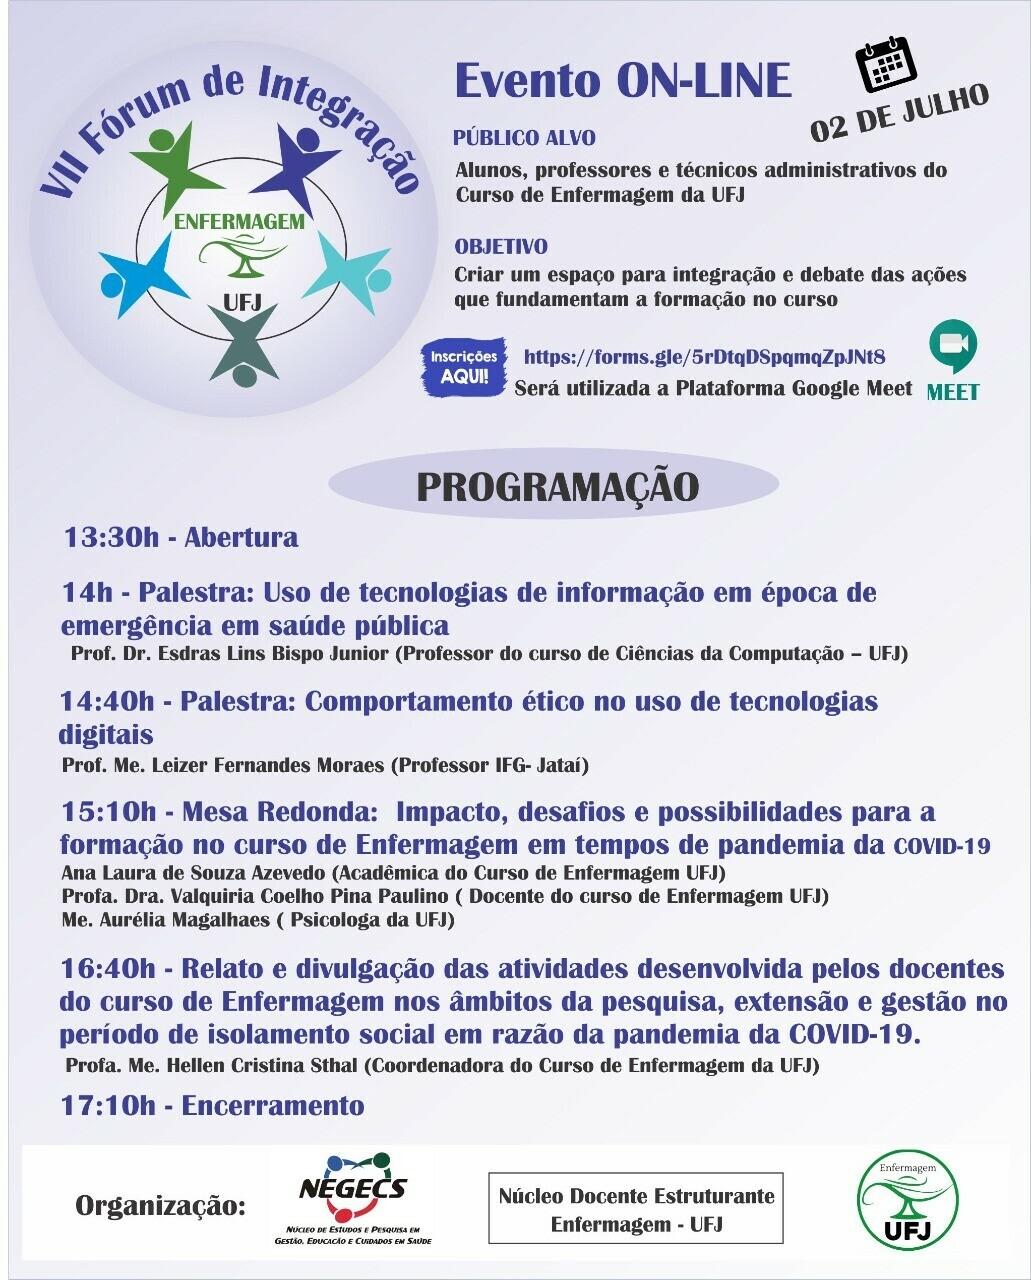 VII Fórum de Integração do Curso de Enfermagem B